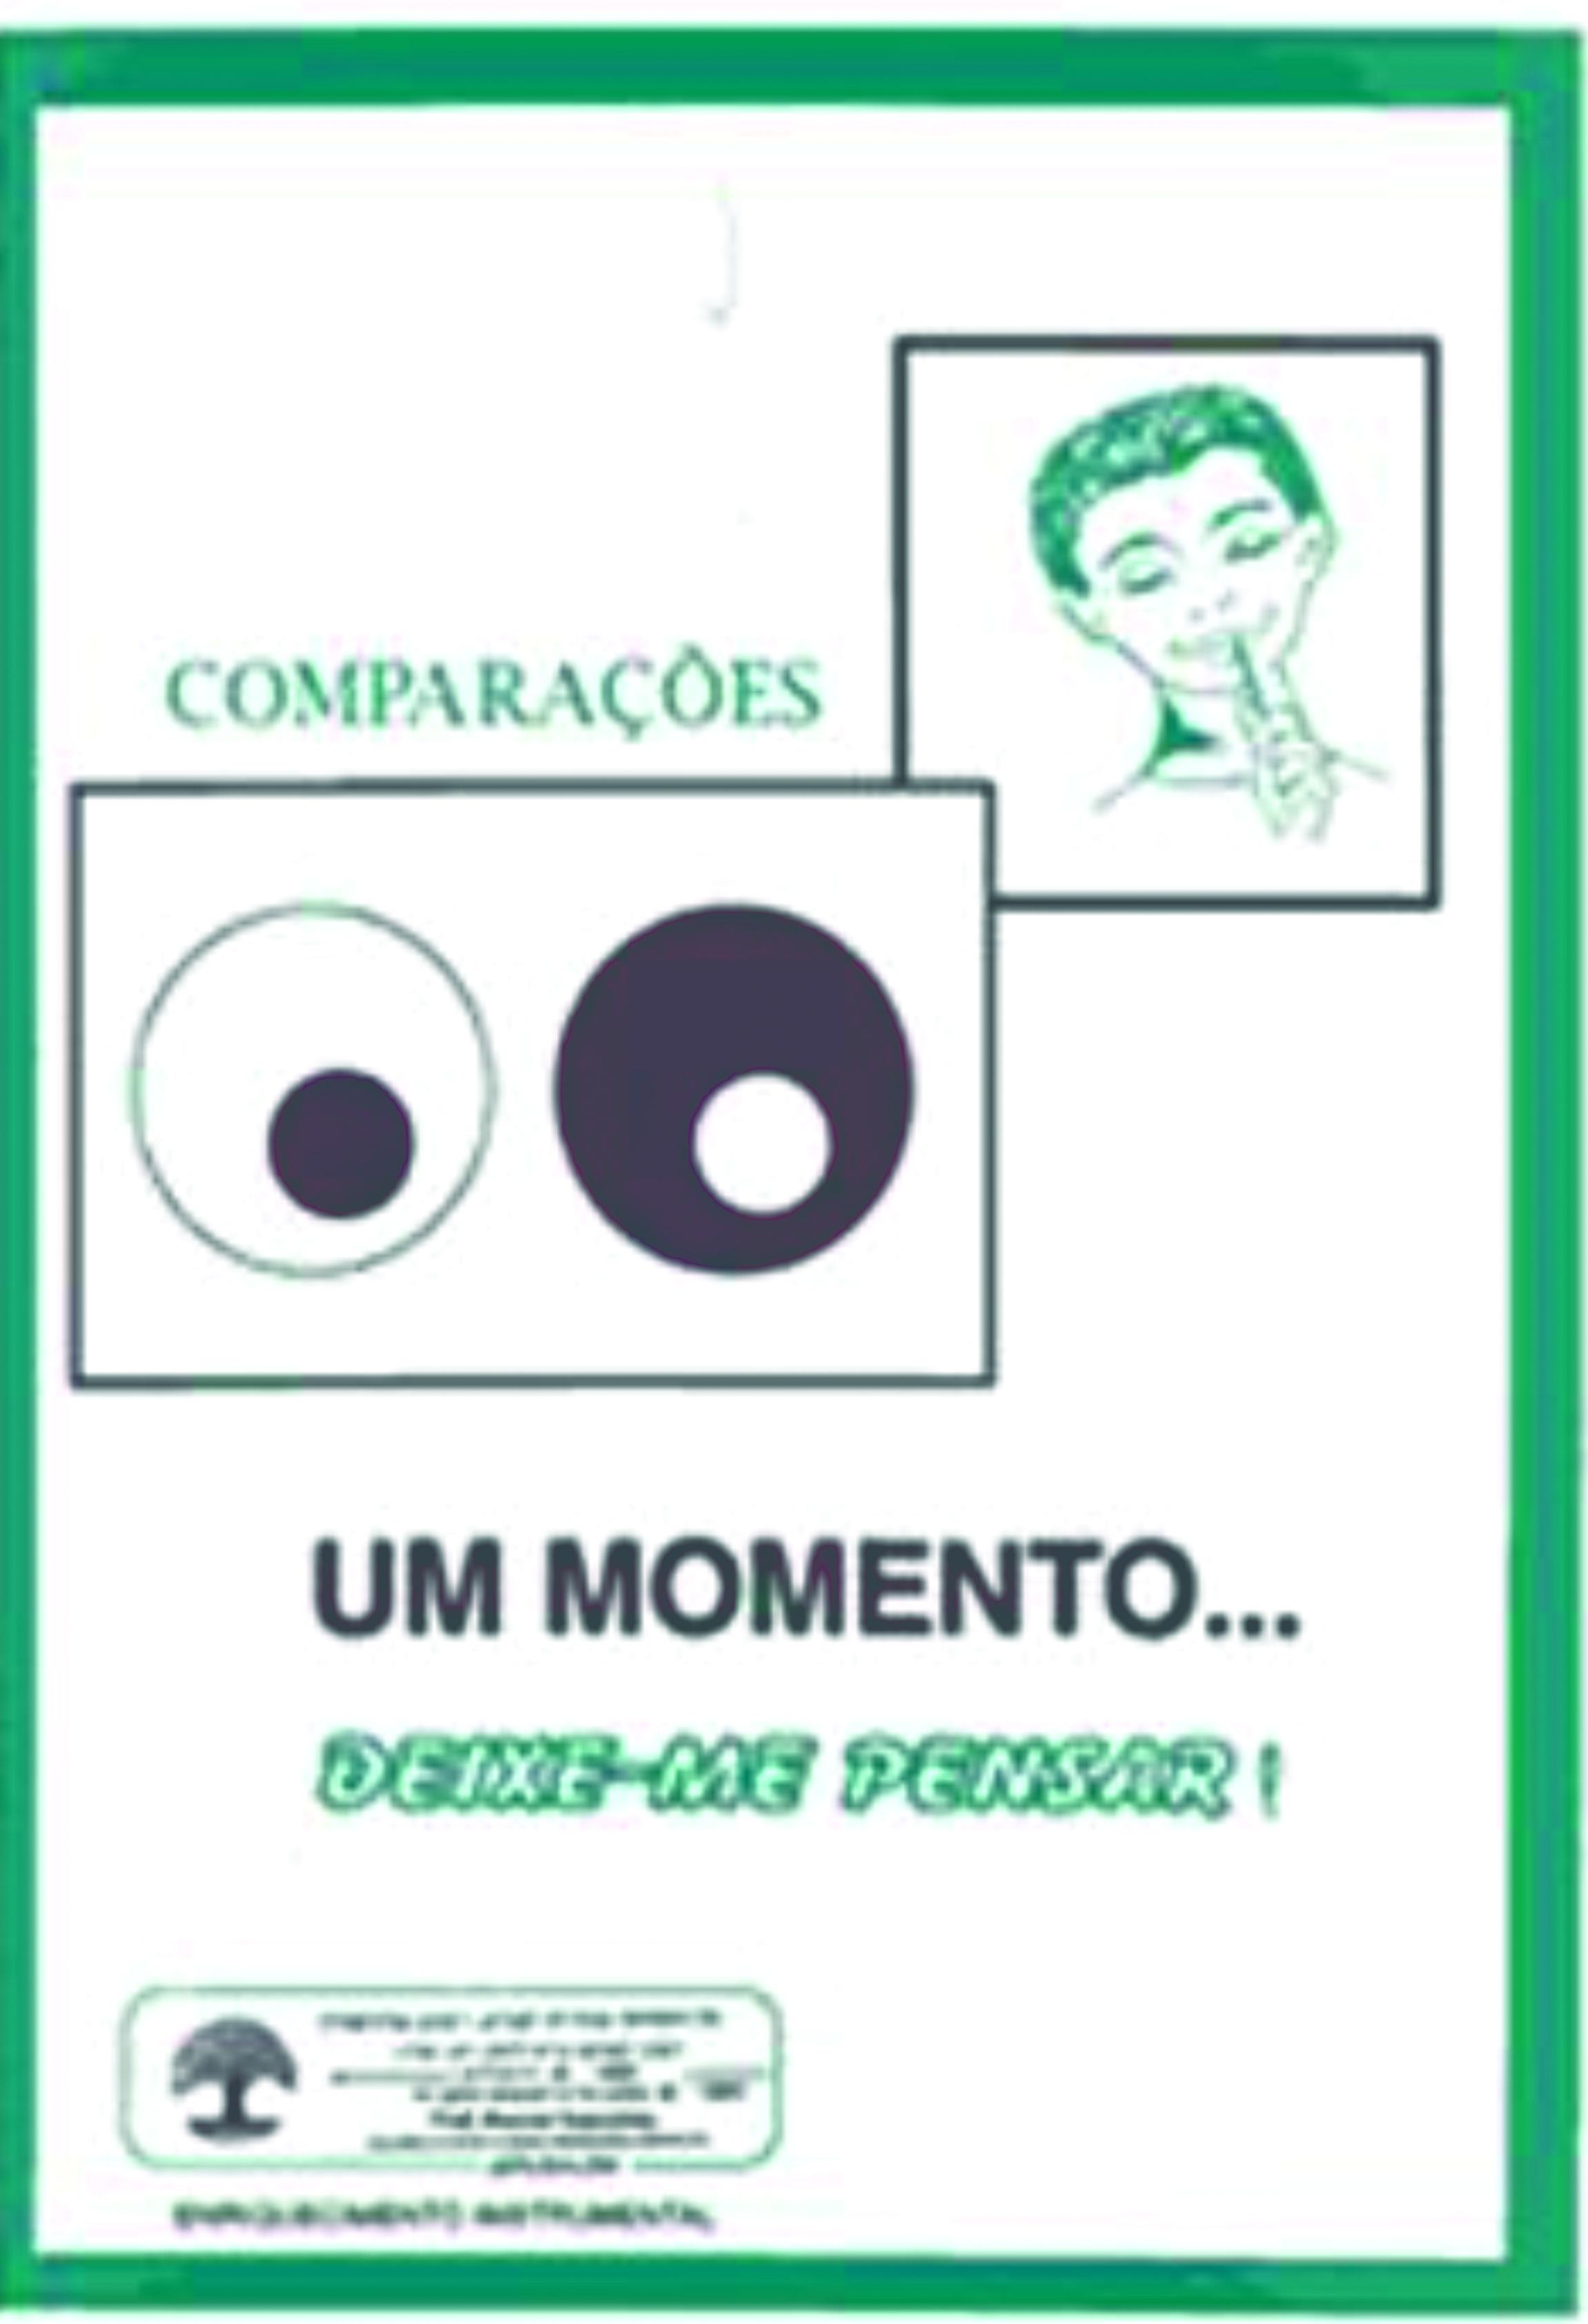 COMPARAÇÕES - PEI STANDART 1